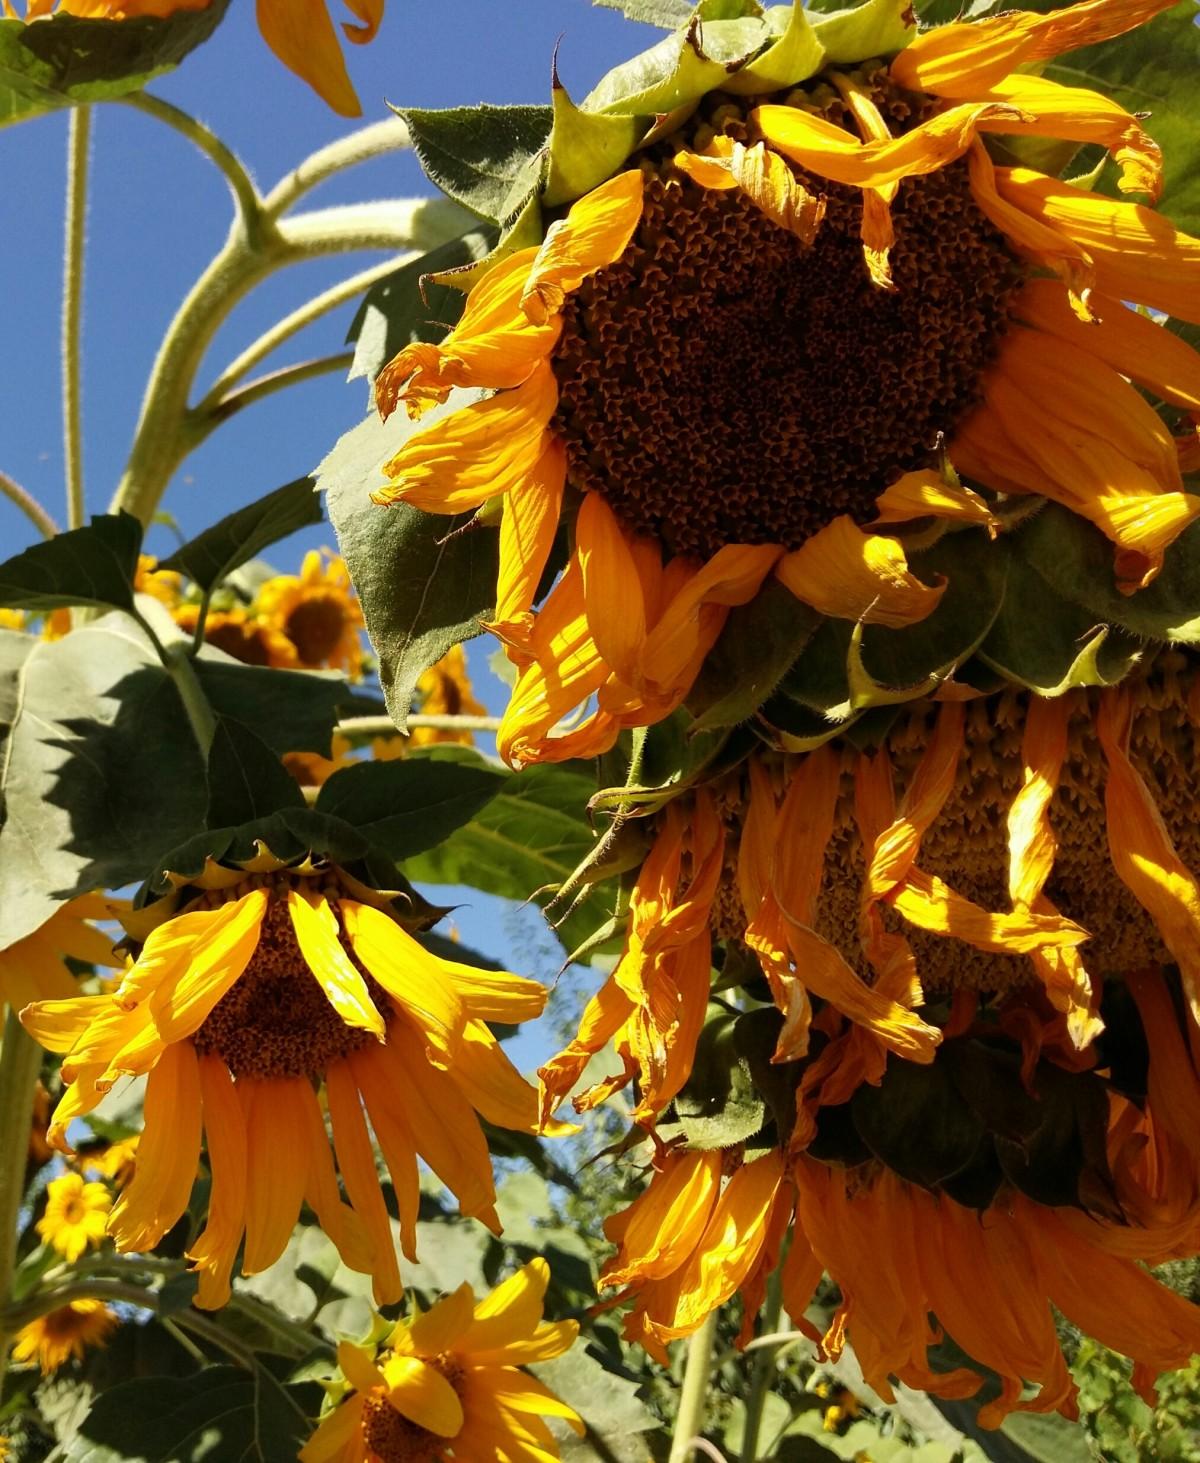 images gratuites feuille fleur p tale l 39 automne botanique jaune flore saison fleur. Black Bedroom Furniture Sets. Home Design Ideas